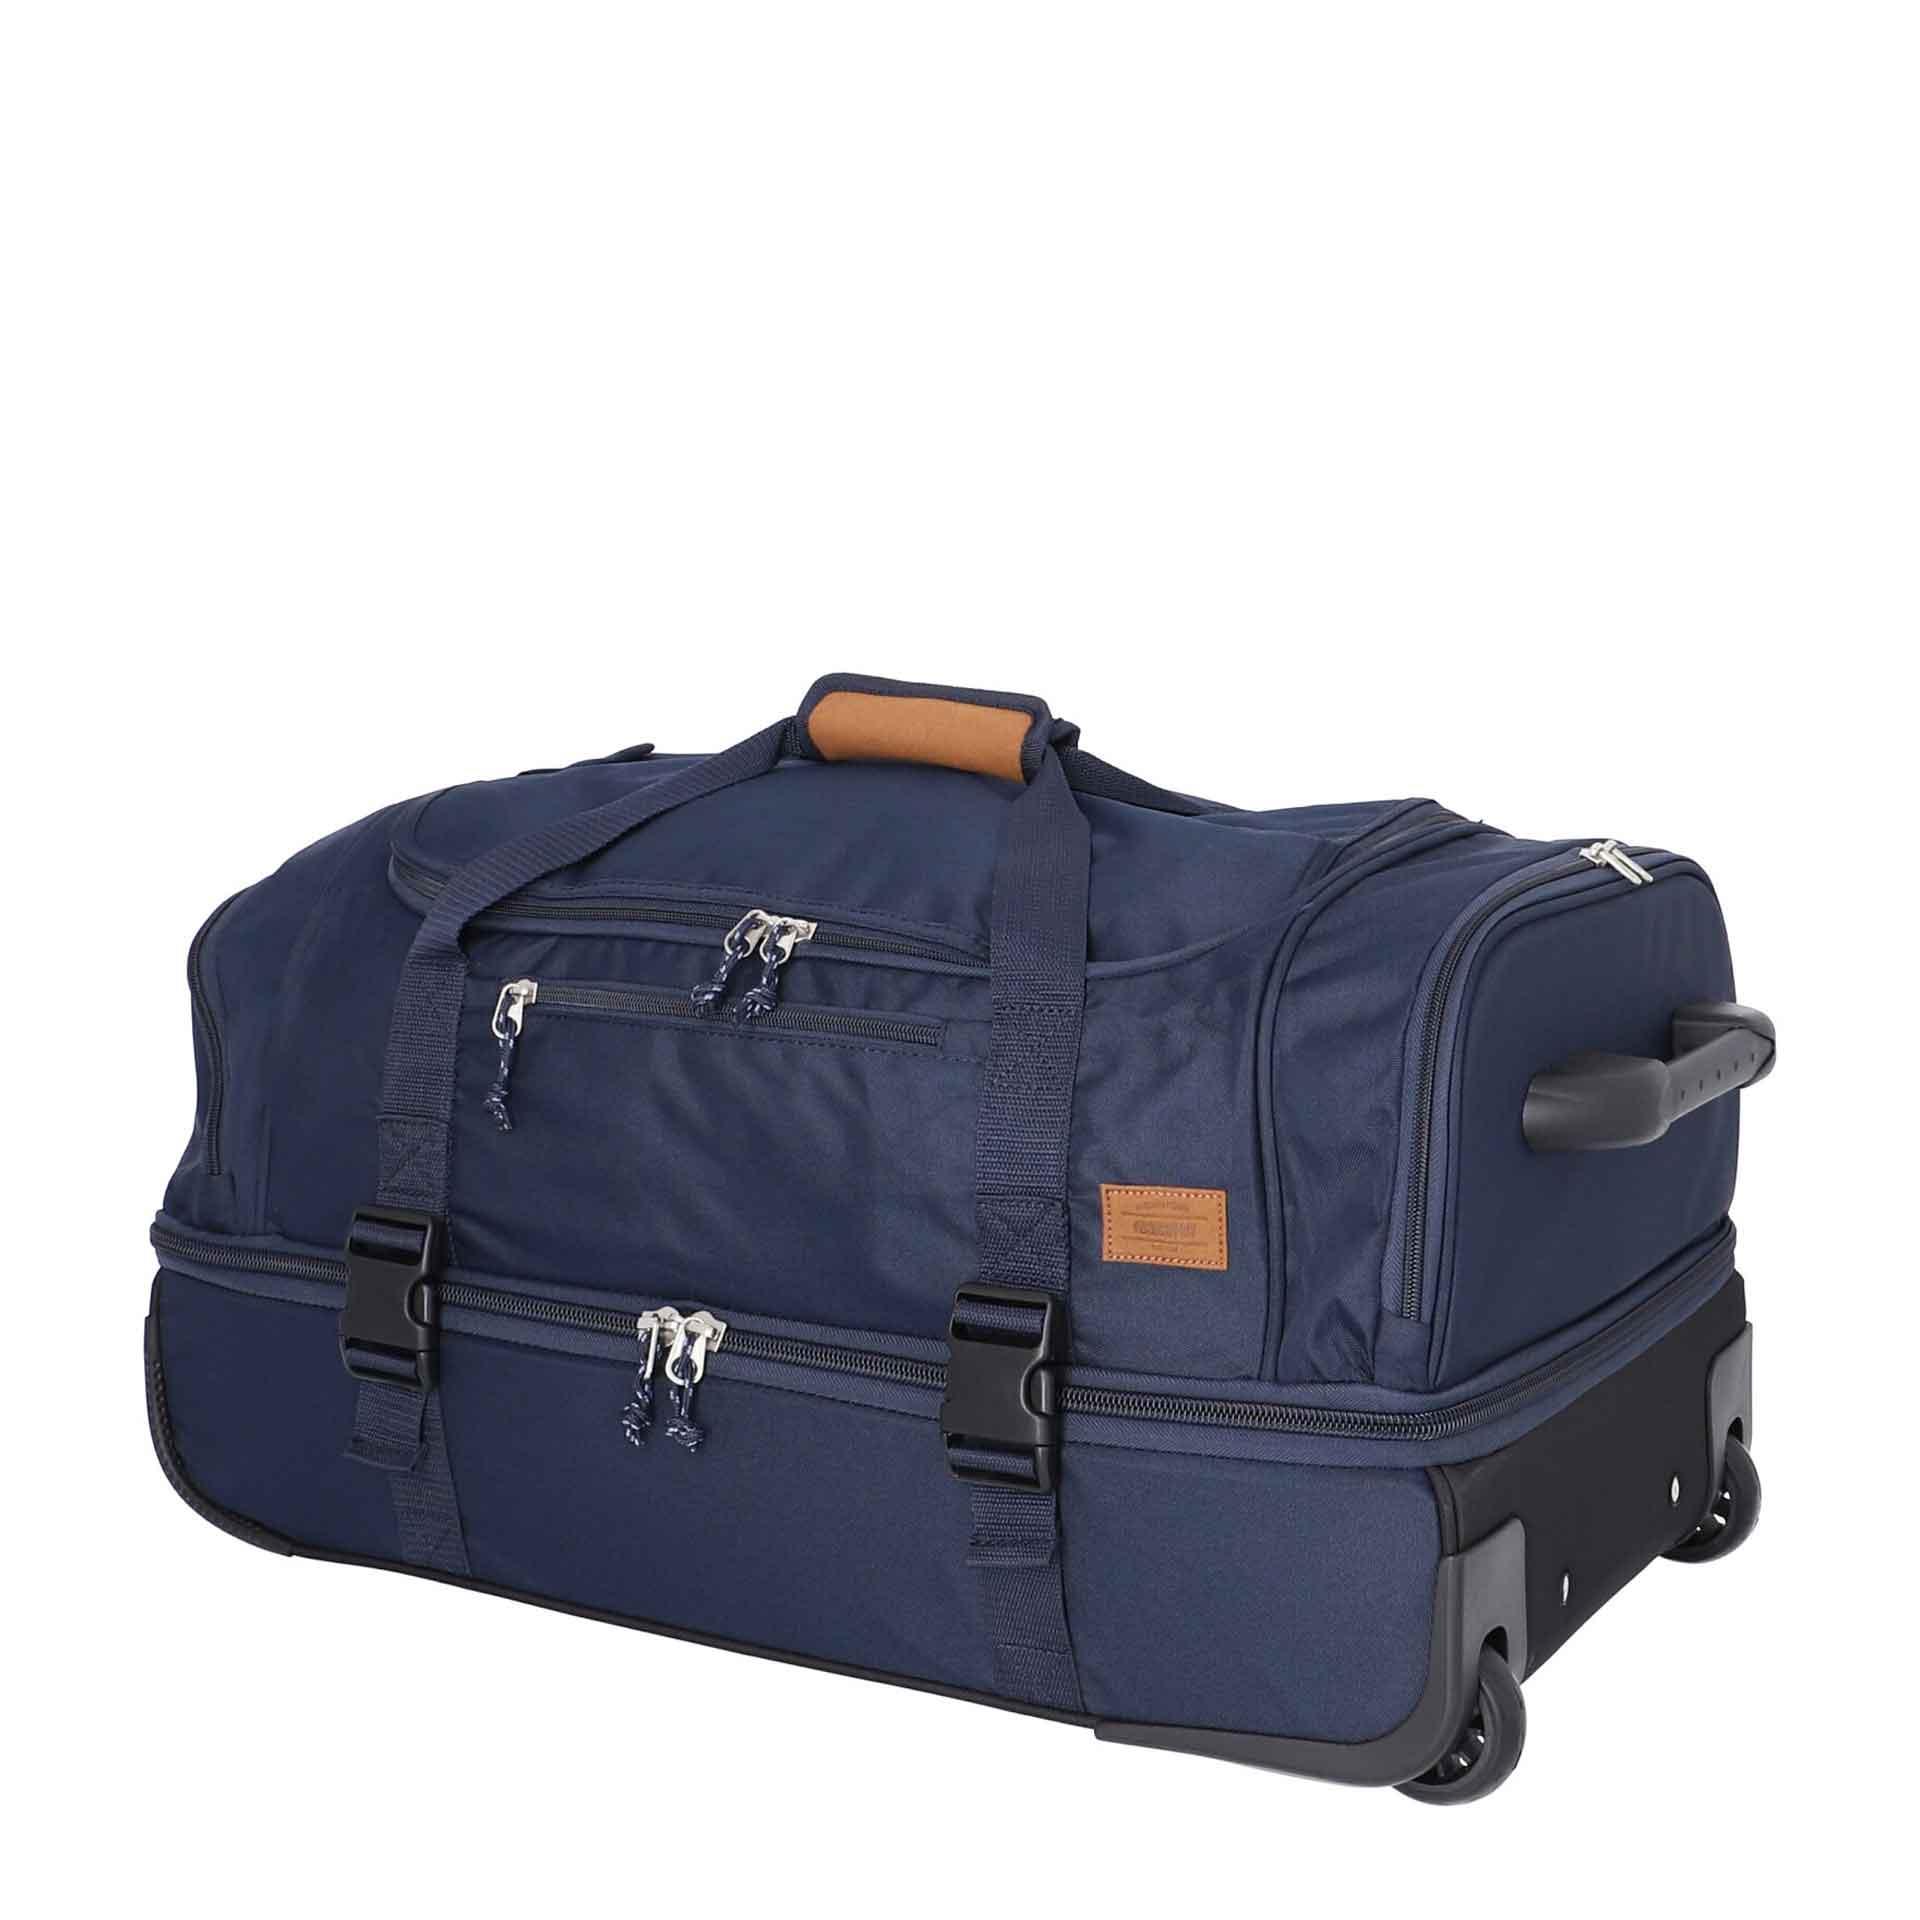 American Tourister Alltrail Reisetasche mit Rollen M navy